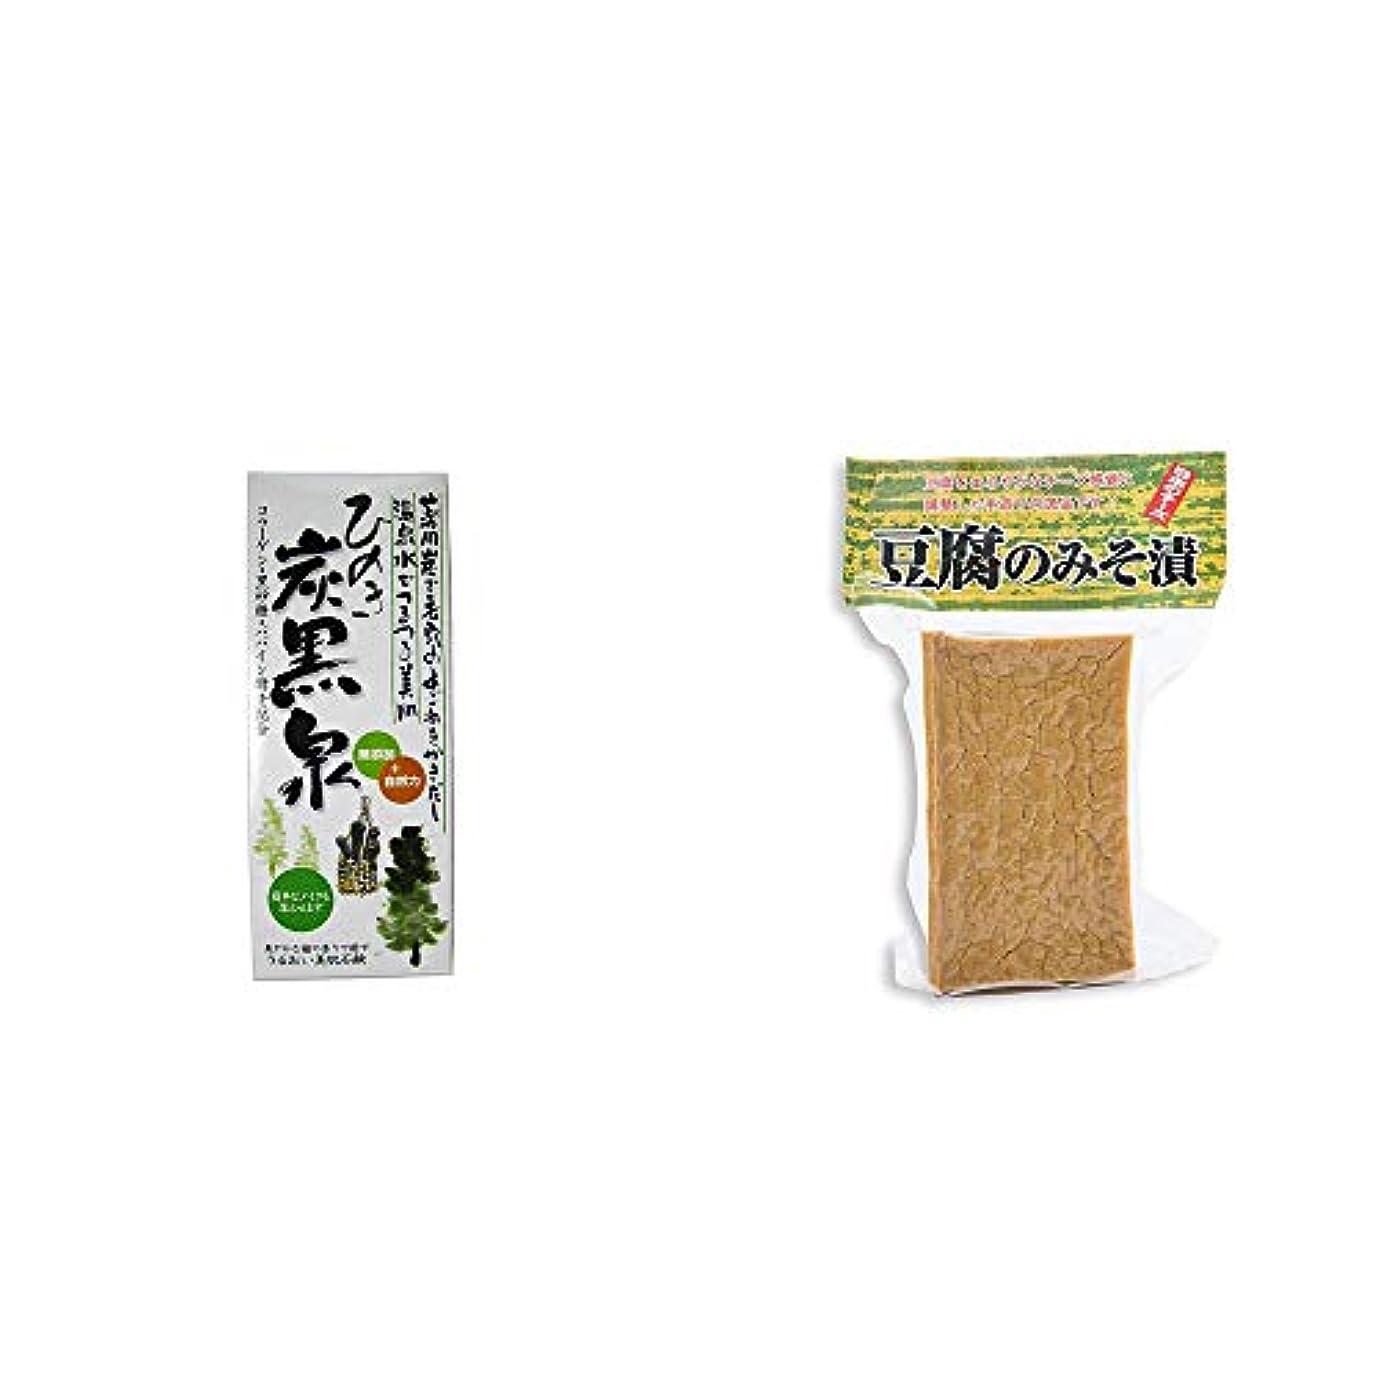 穏やかな船外衝動[2点セット] ひのき炭黒泉 箱入り(75g×3)?日本のチーズ 豆腐のみそ漬(1個入)